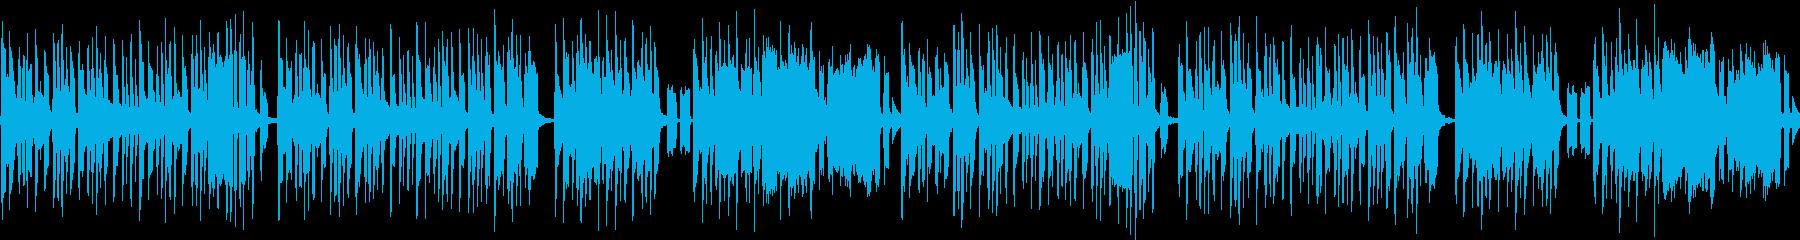 コミカルなハプニングで使える楽曲の再生済みの波形